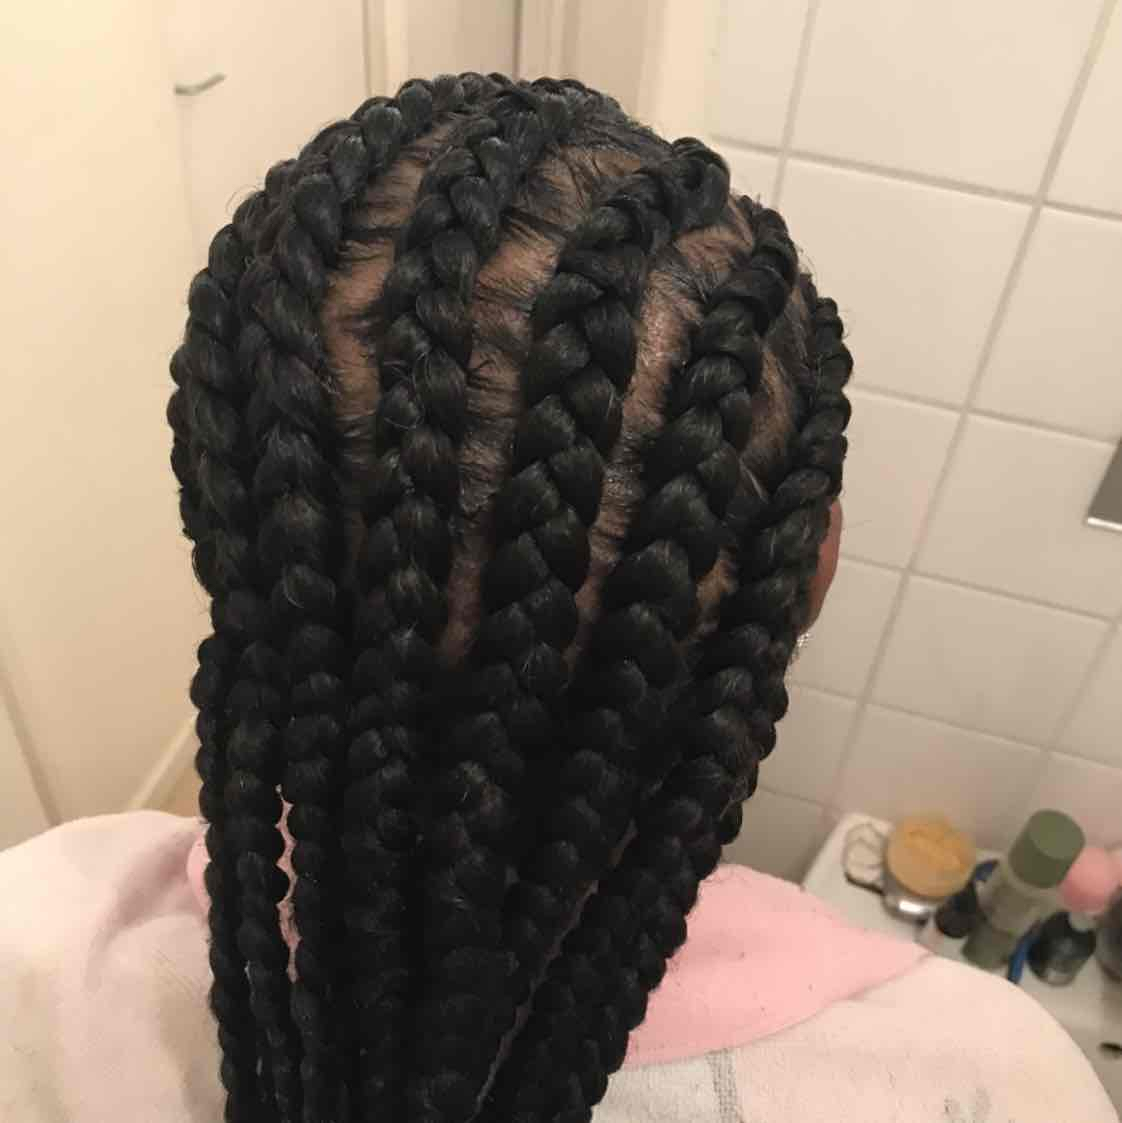 salon de coiffure afro tresse tresses box braids crochet braids vanilles tissages paris 75 77 78 91 92 93 94 95 VFZVPIAX